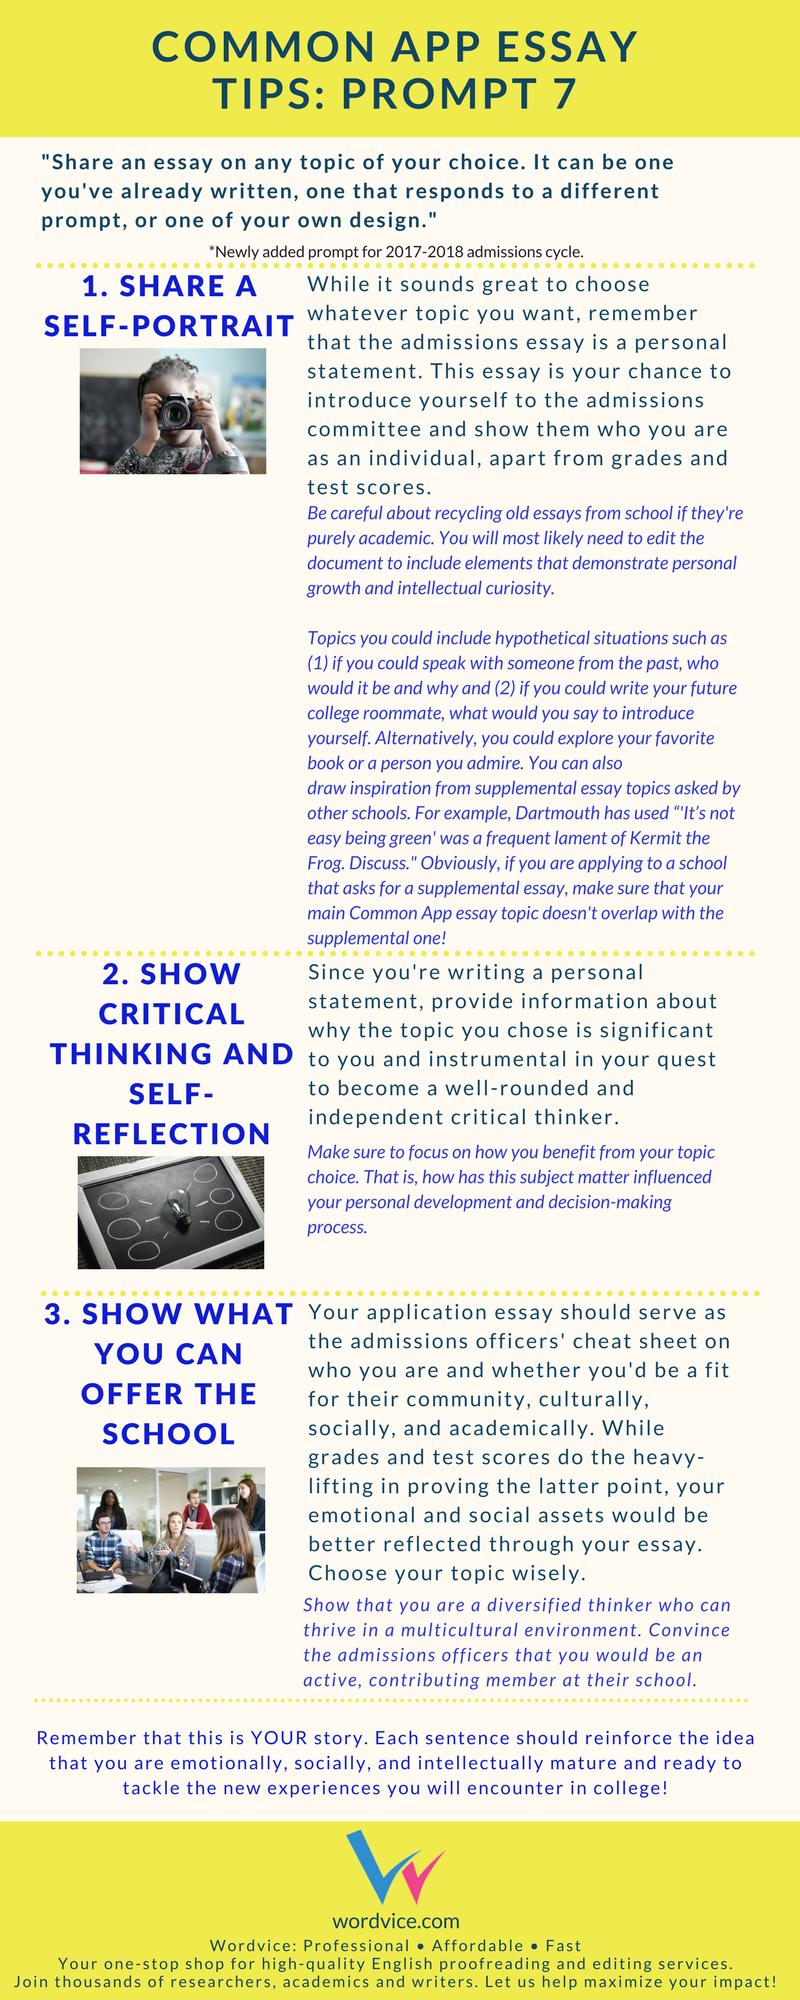 008 Common App Brainstormprompt Essay Example Unusual Prompt 1 Examples 3 4 Full